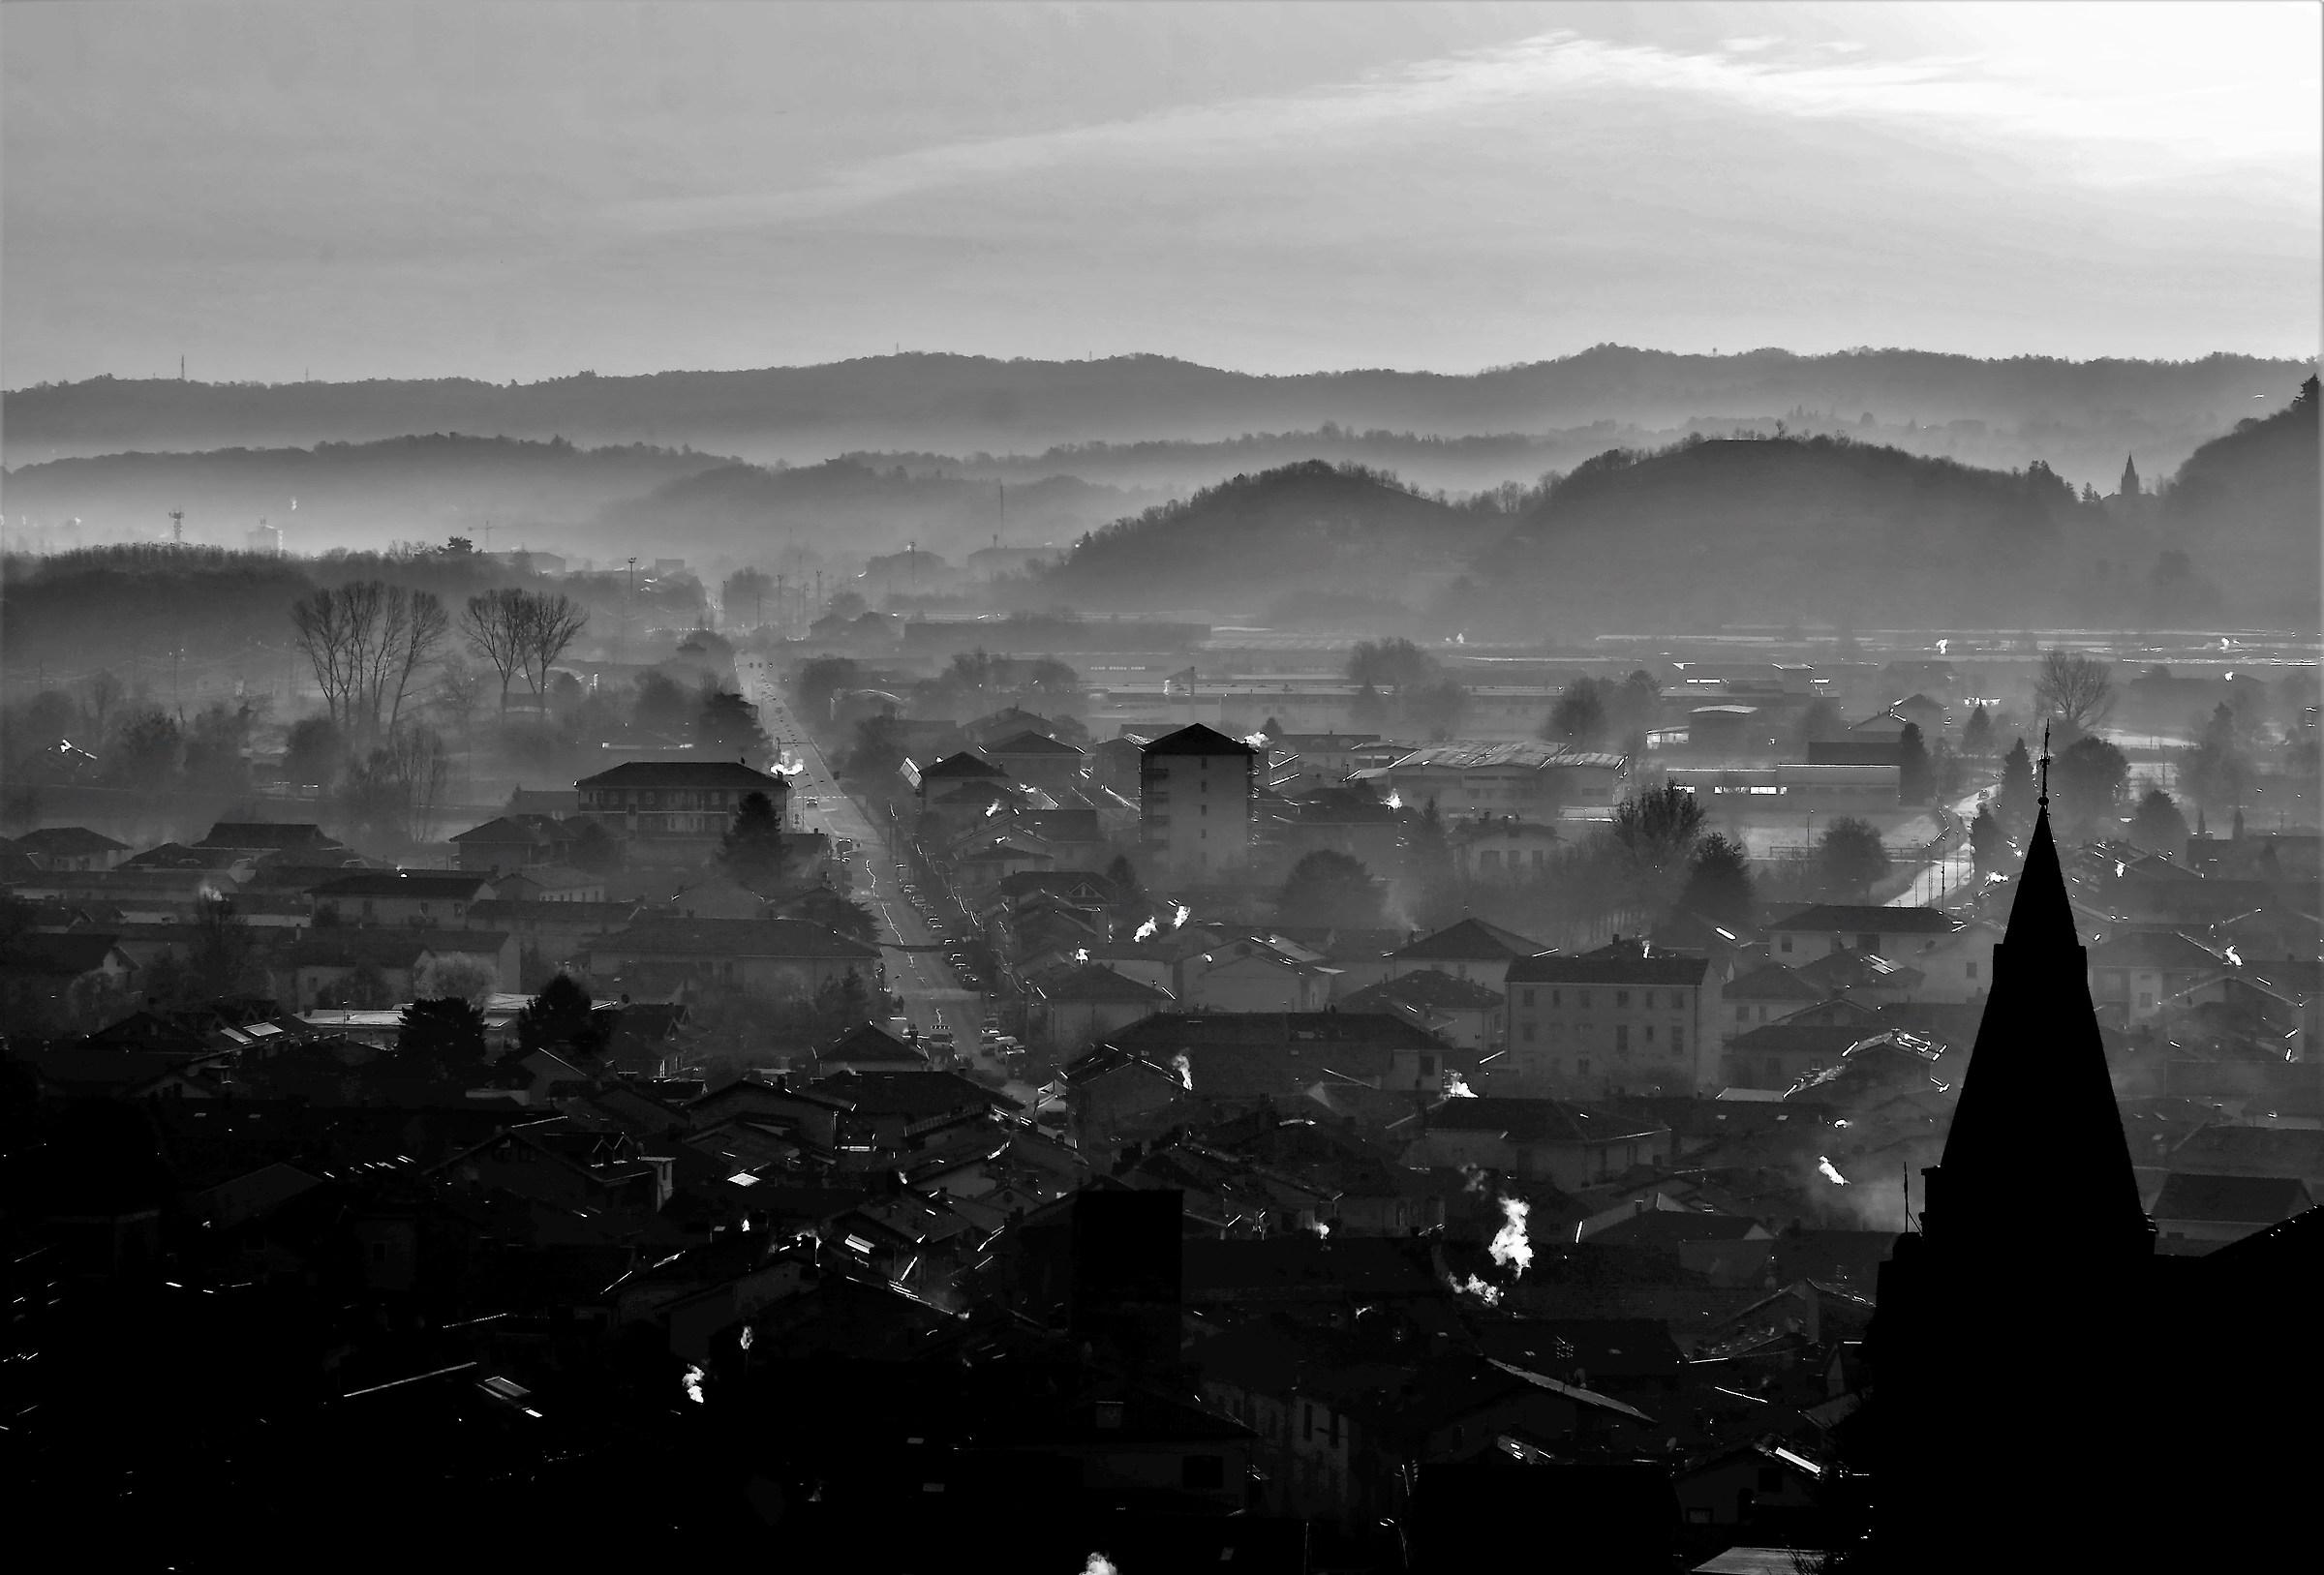 view of Sant'Ambrogio valle di Susa...